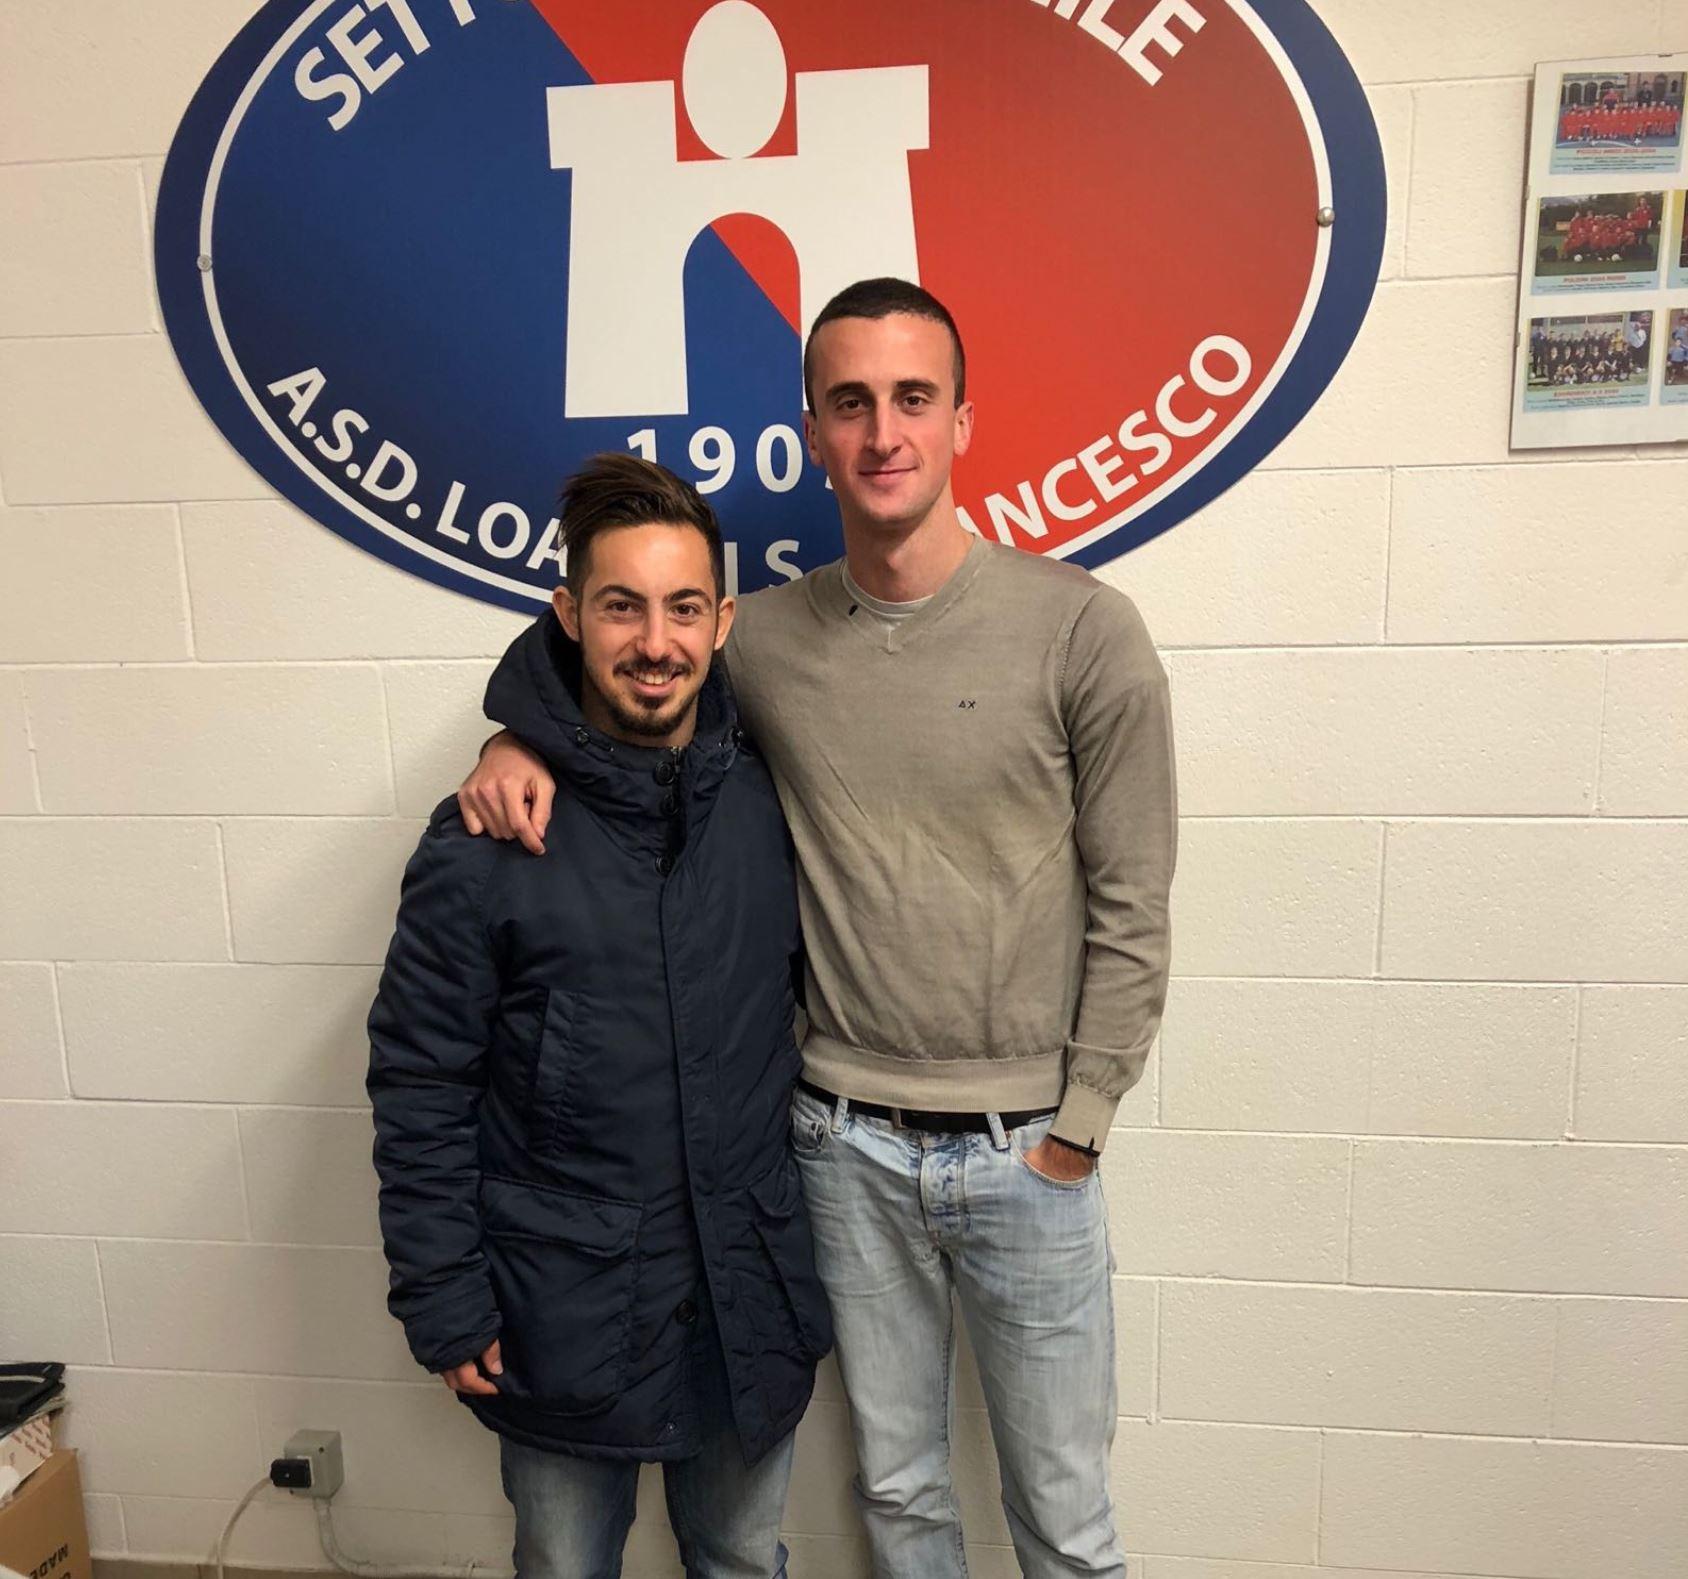 Calciomercato. UFFICIALE. Colpo Loanesi, Andrea Rocca torna in rossoblu